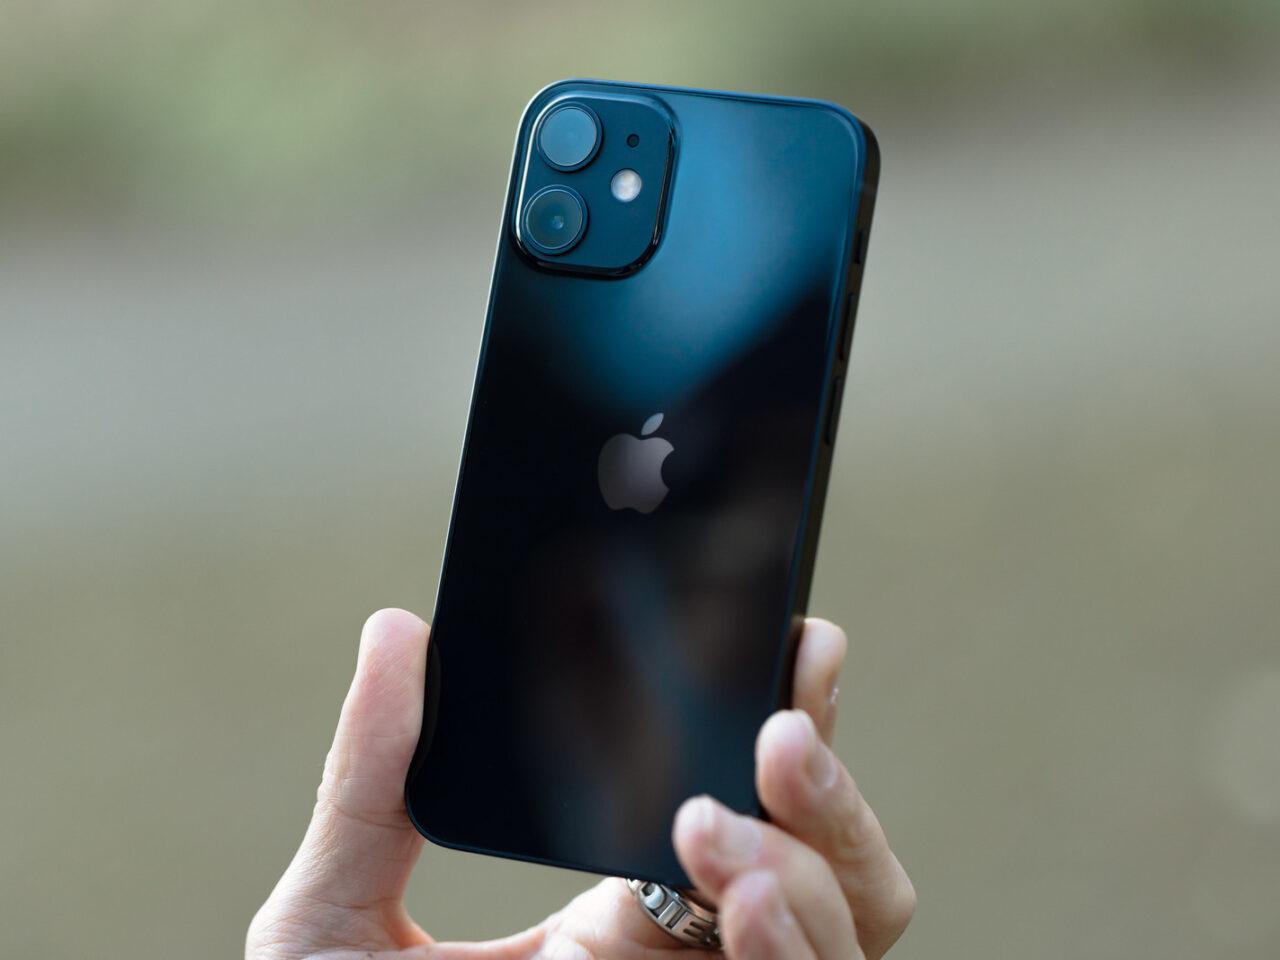 ホーム画面のアイコンをカスタマイズすると通知バッジはどうなる?【iPhone・iOS14】のサムネイル画像